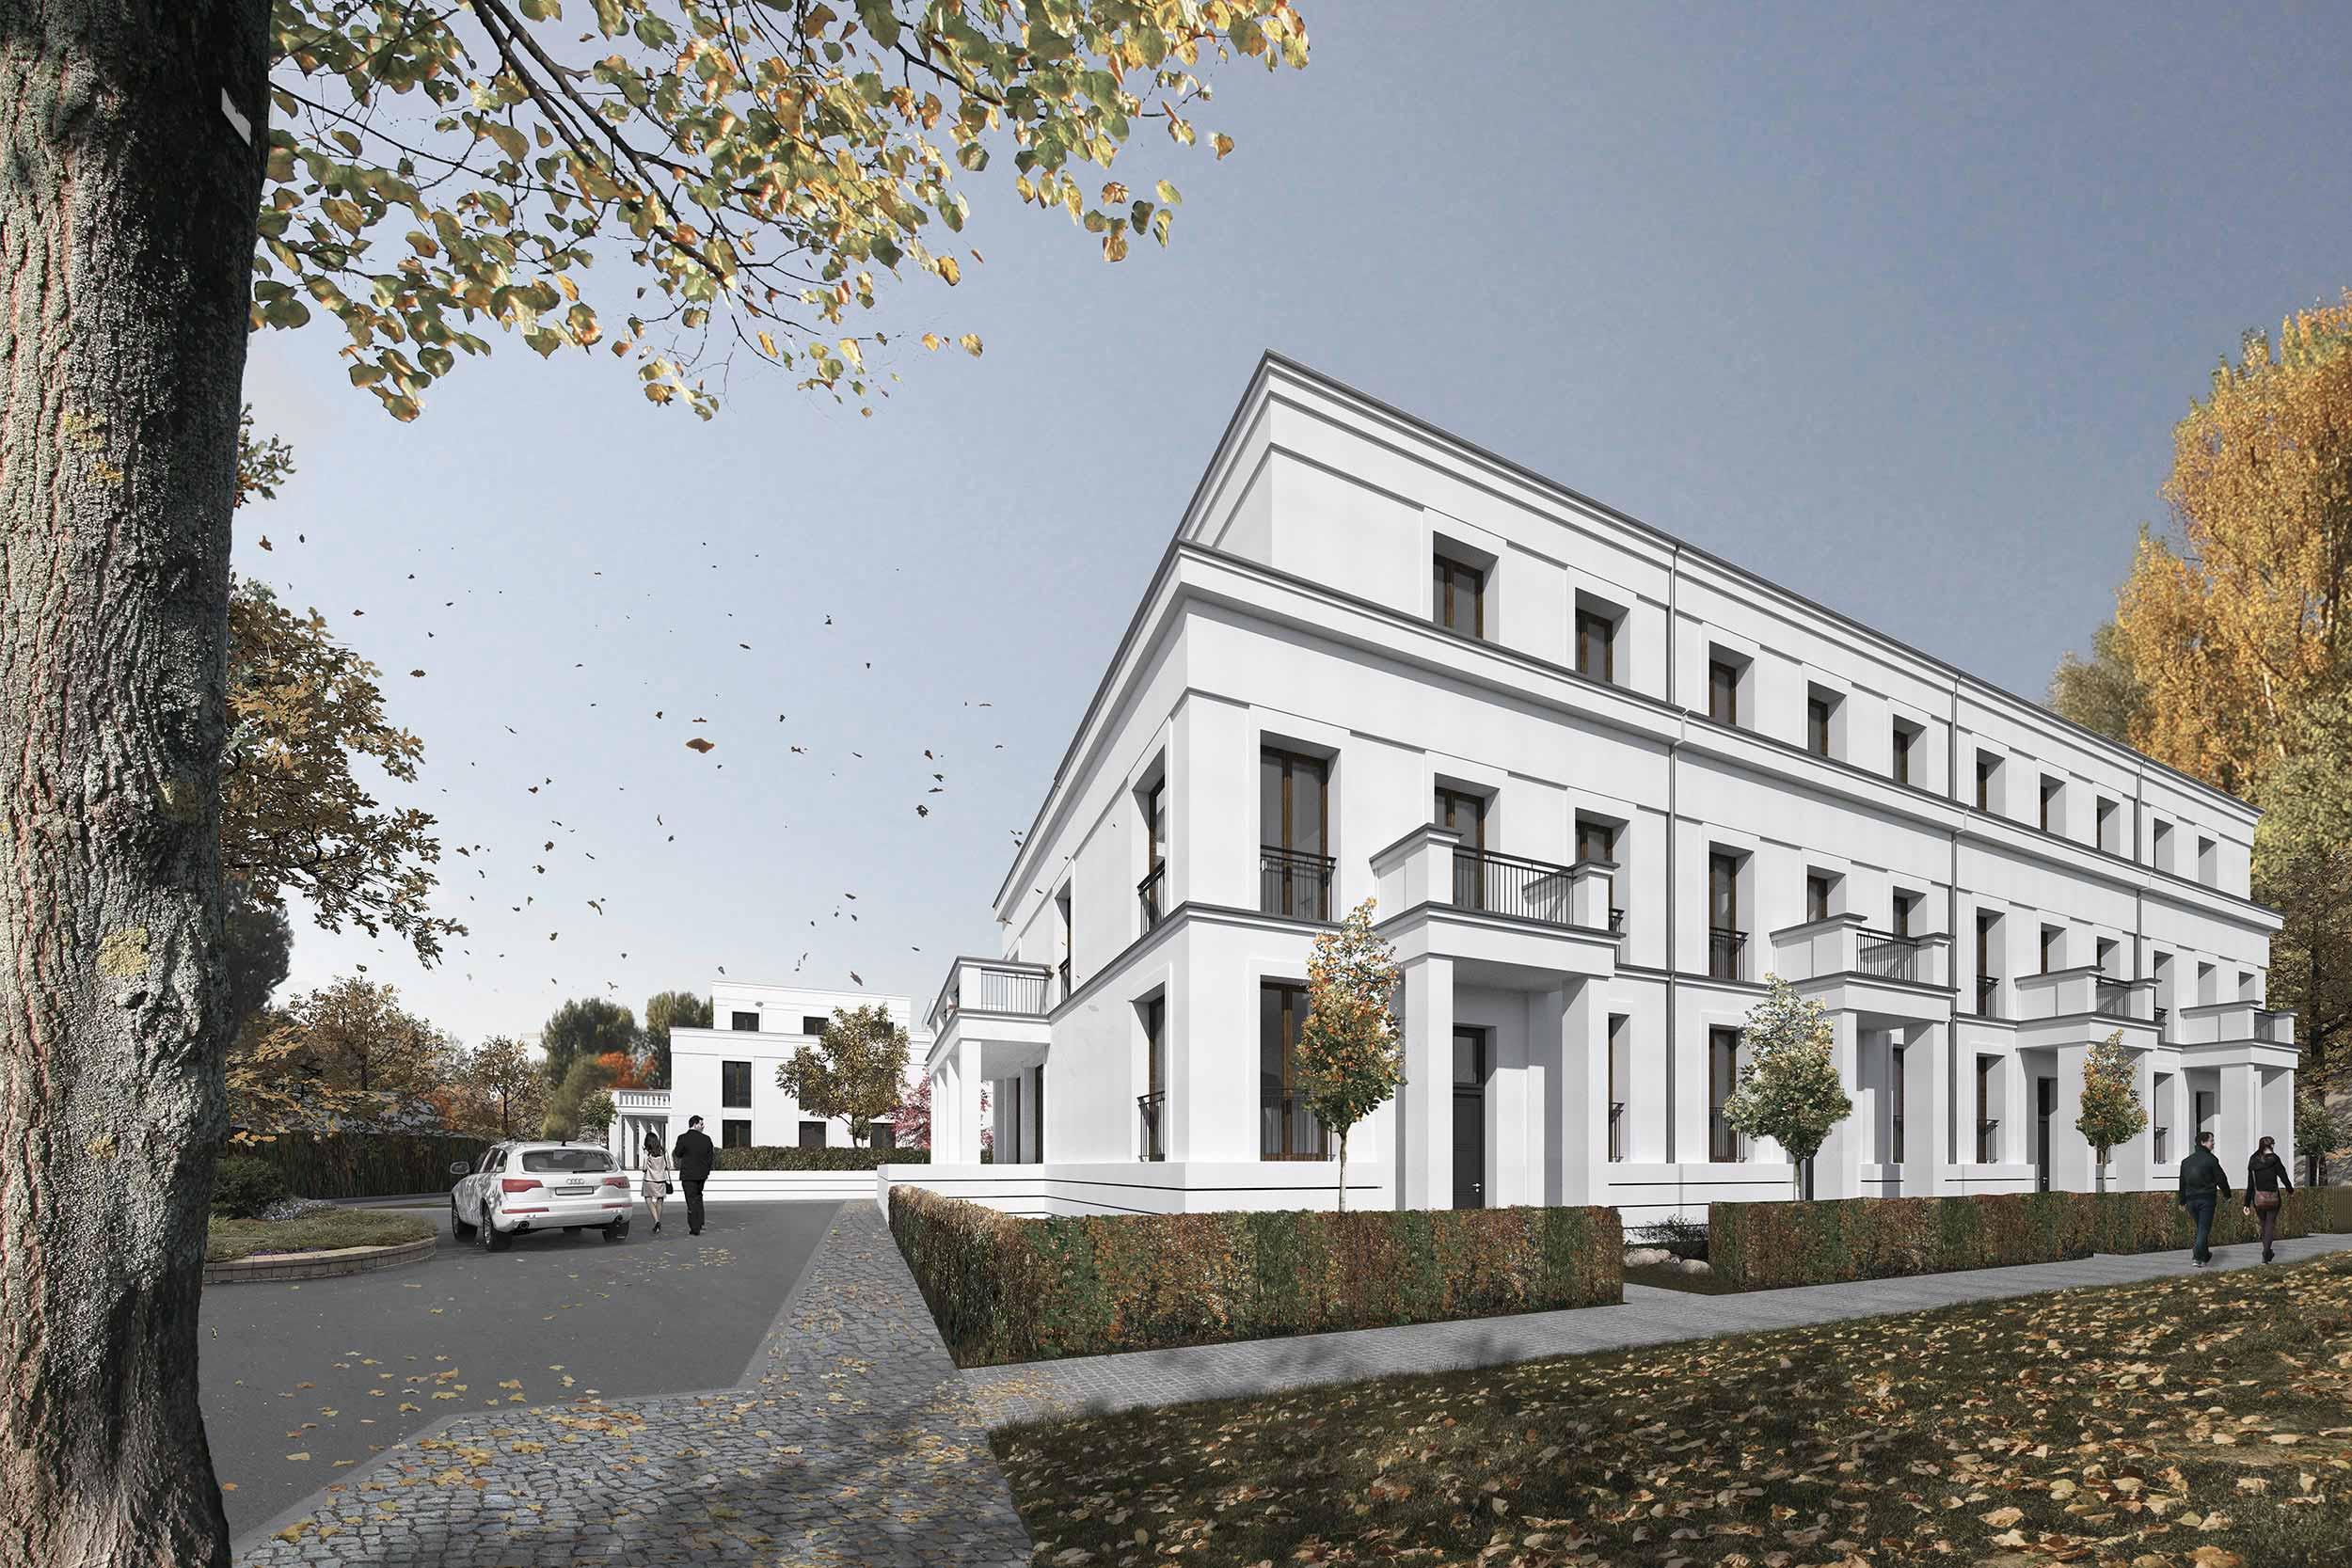 Neubauprojekt eines Wohnquartiers mit 42 Eigentumswohnungen - Die Townhhouses mit traditionellen Stilelementen Bremer Architektur